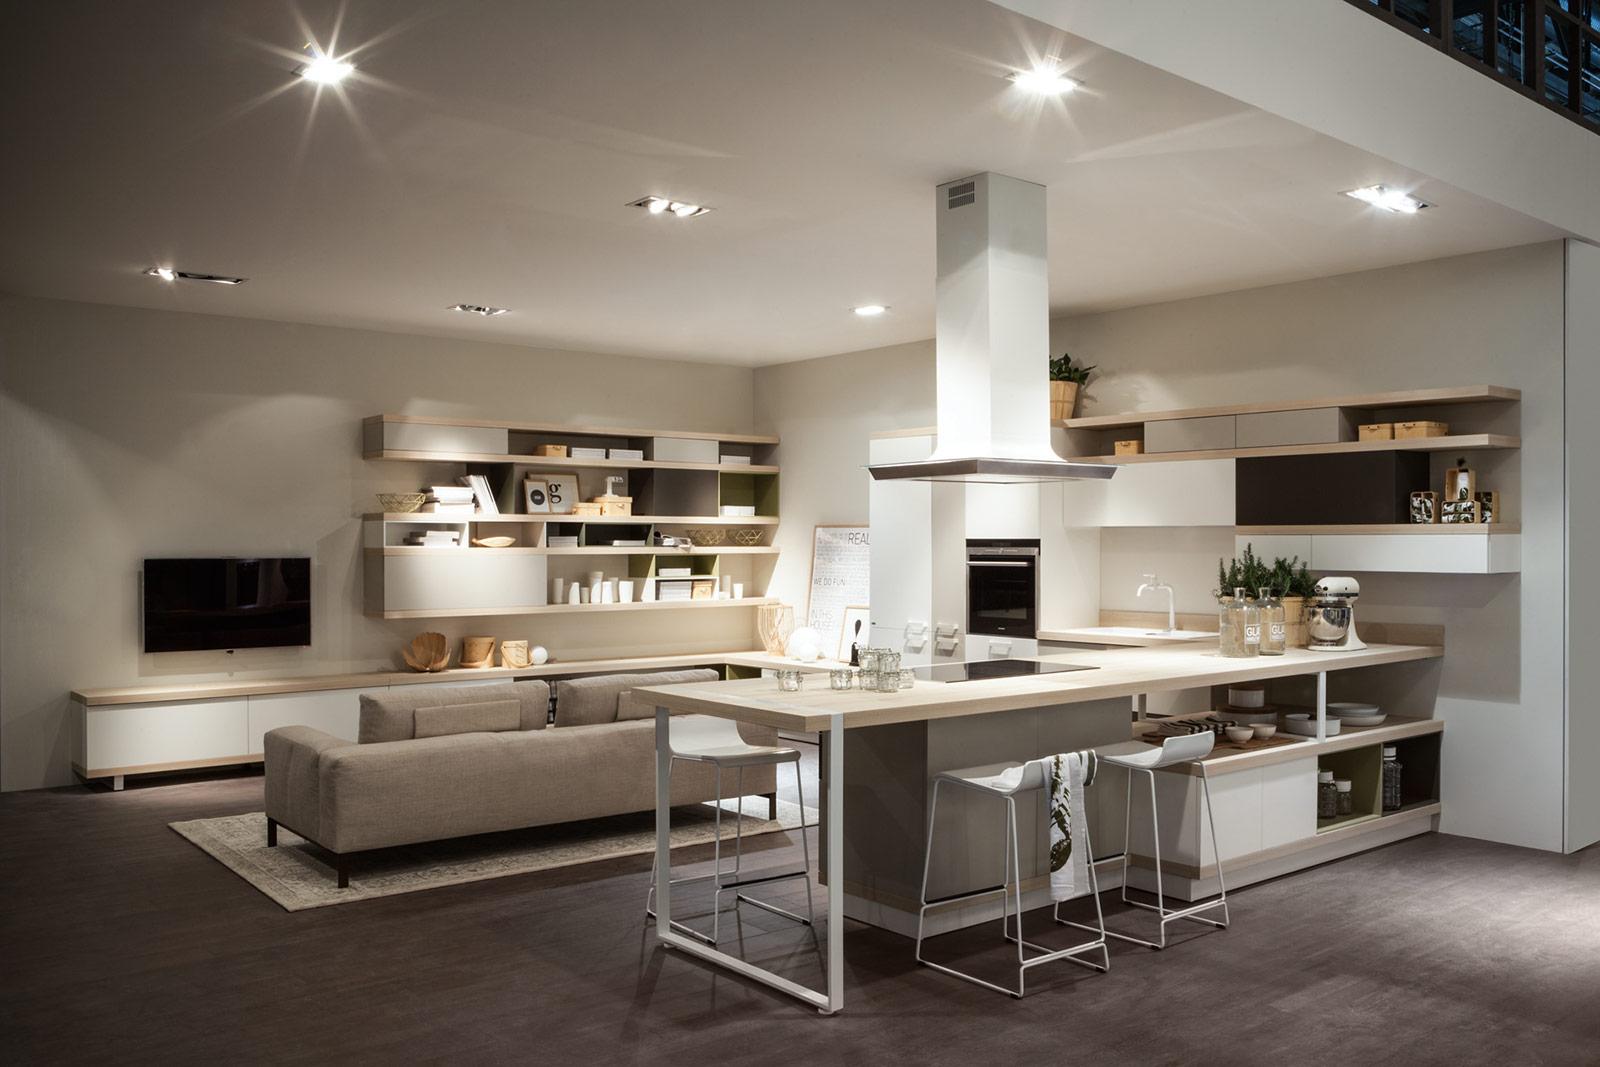 Progettare casa online consigli per progettare la for Arredamento lussuoso